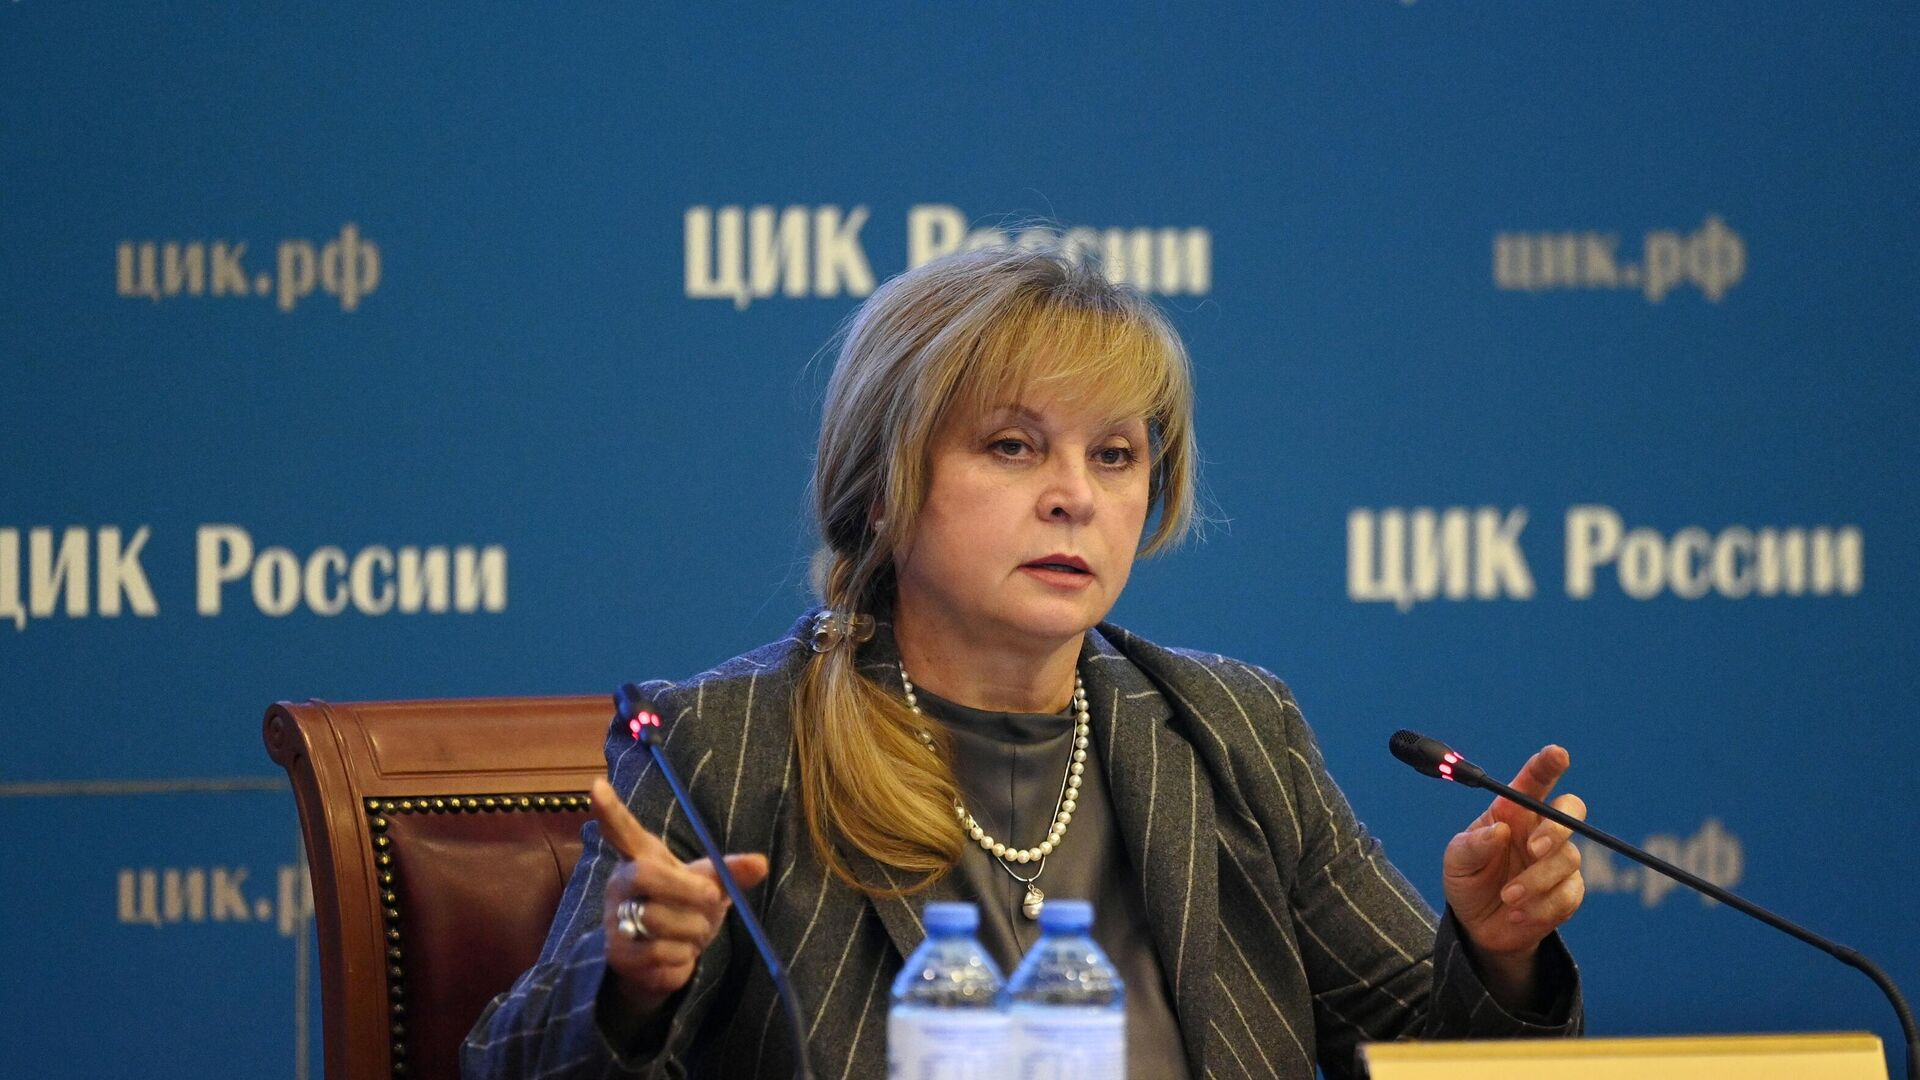 ЦИК пригласит общественников проанализировать кампанию, заявила Памфилова